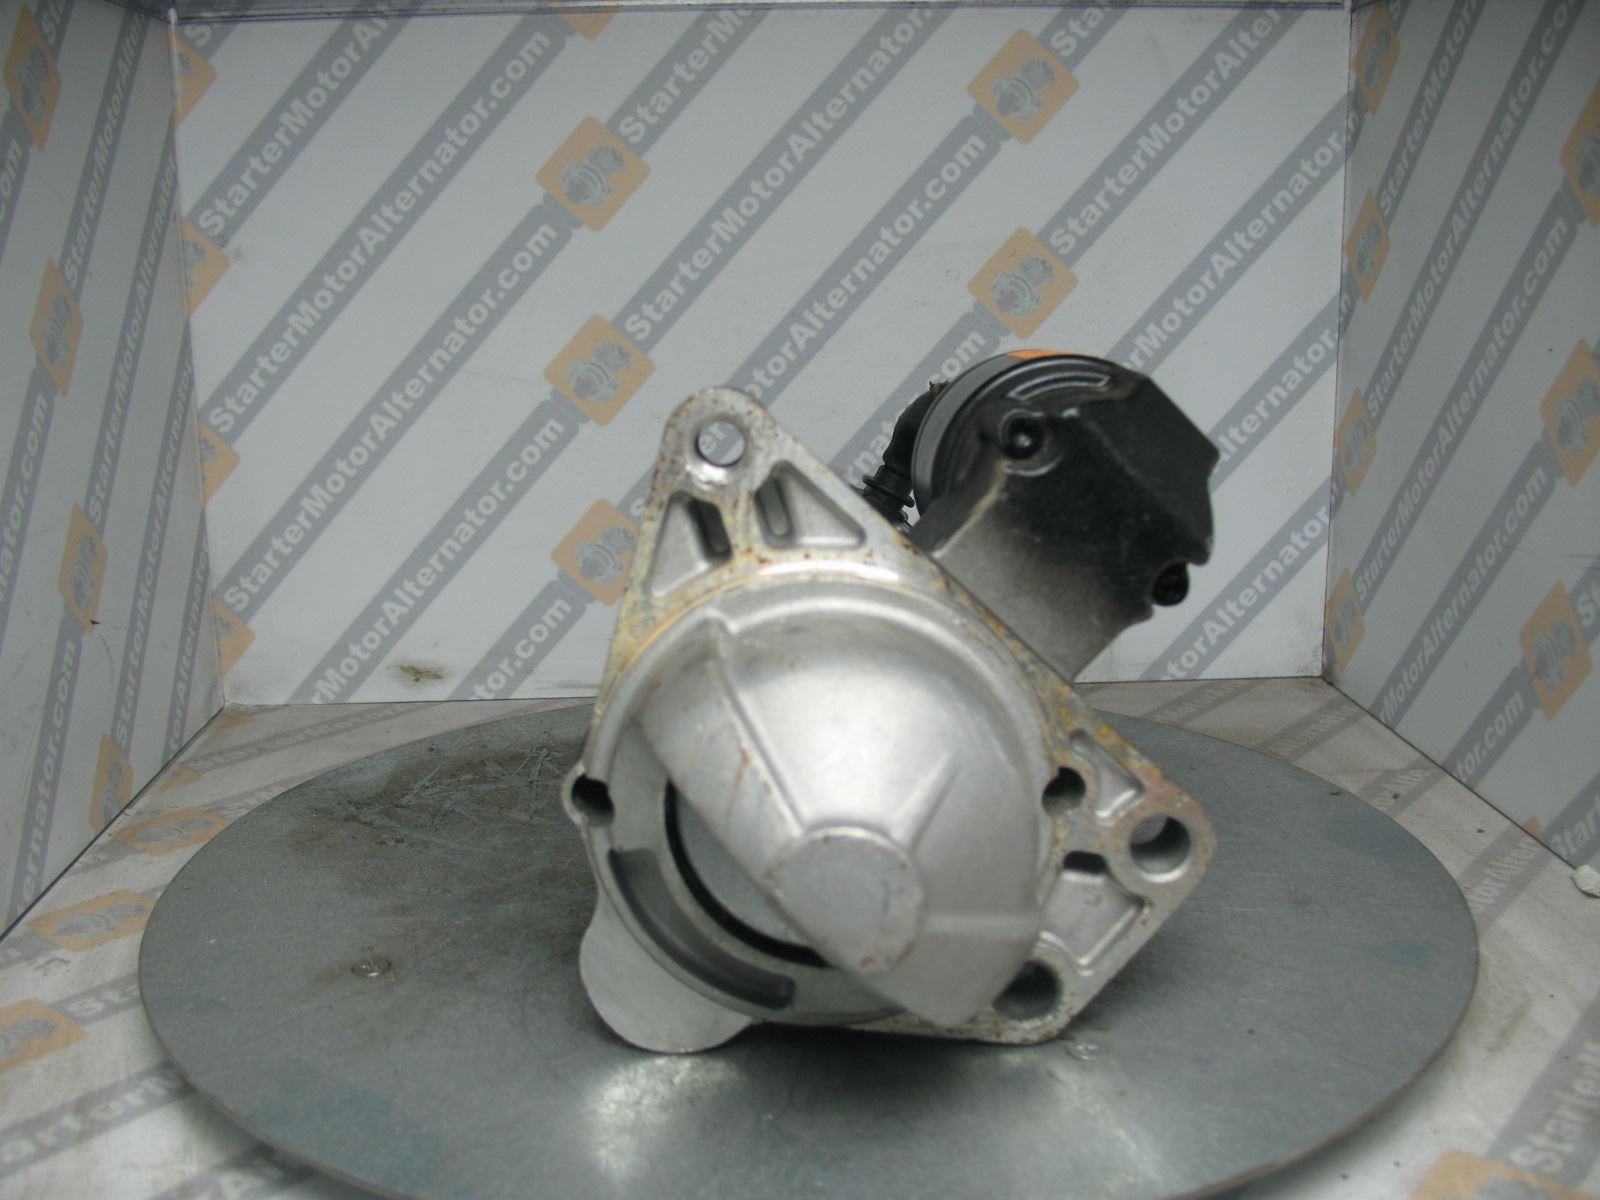 XIY2803 Starter Motor For Chevrolet / Opel / Vauxhall